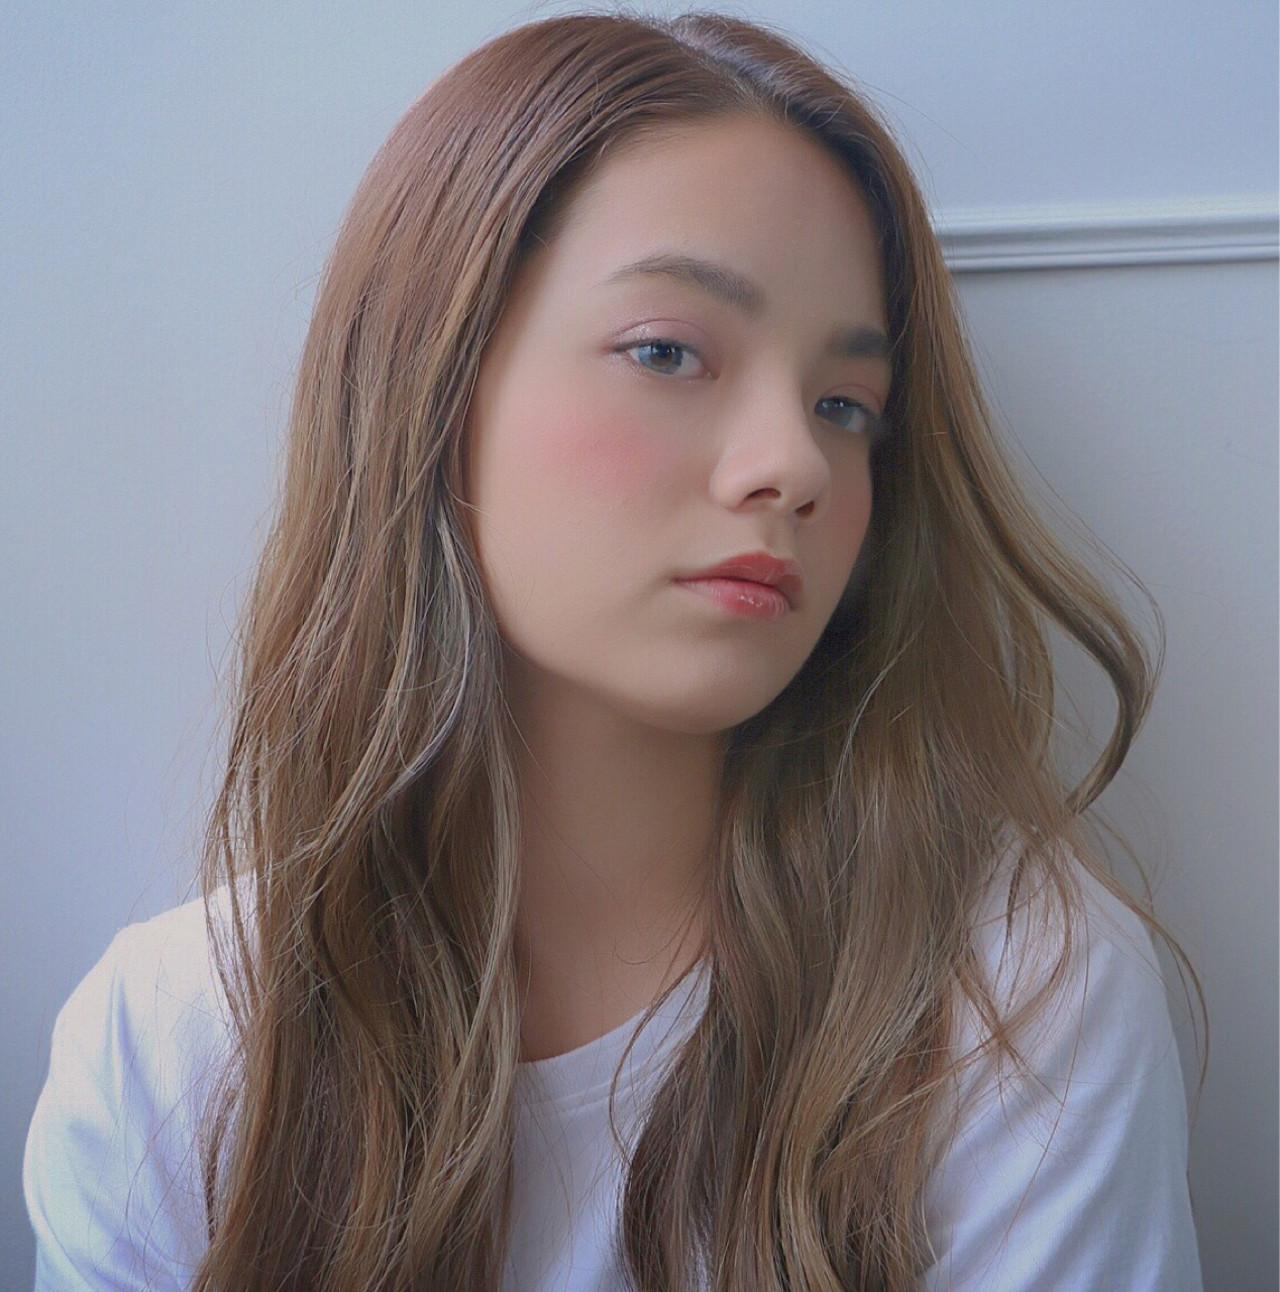 オフィス こなれ感 ロング ヘアアレンジ ヘアスタイルや髪型の写真・画像 | 犬島麻姫子 / オルチャンヘアスタイルおまかせください